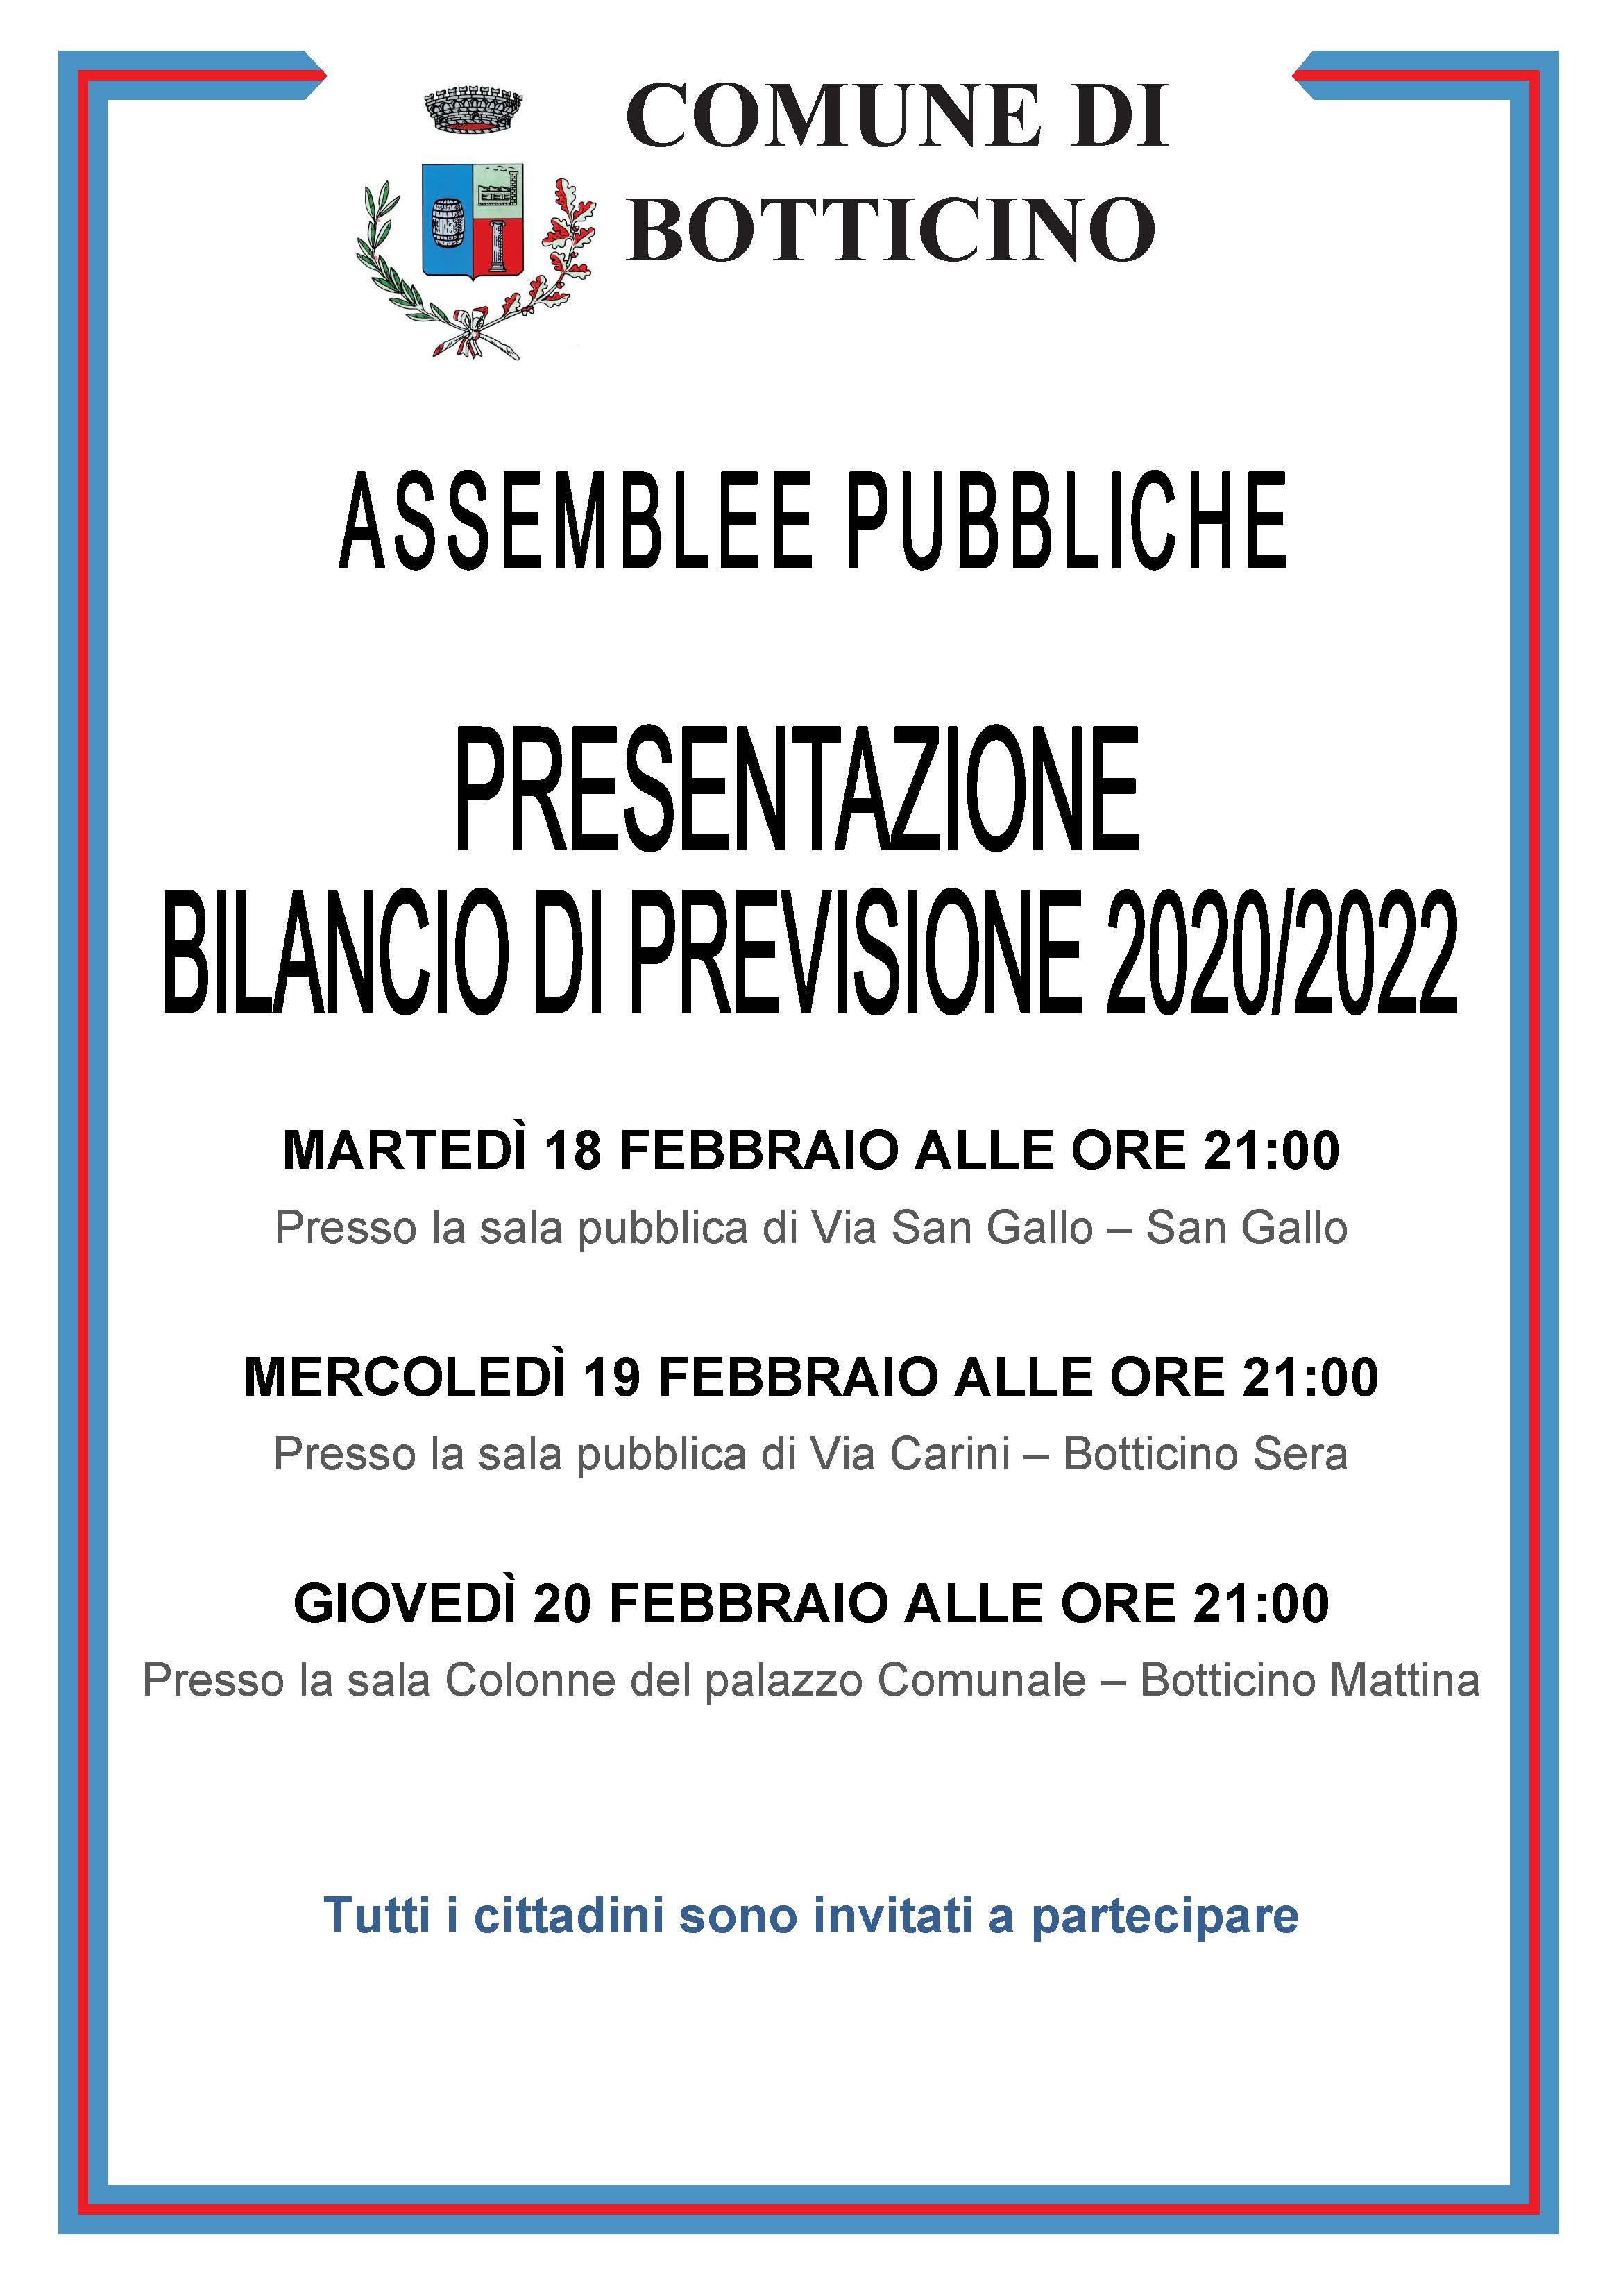 Assemblea pubblica - Presentazione bilancio di previsione 2020/2022